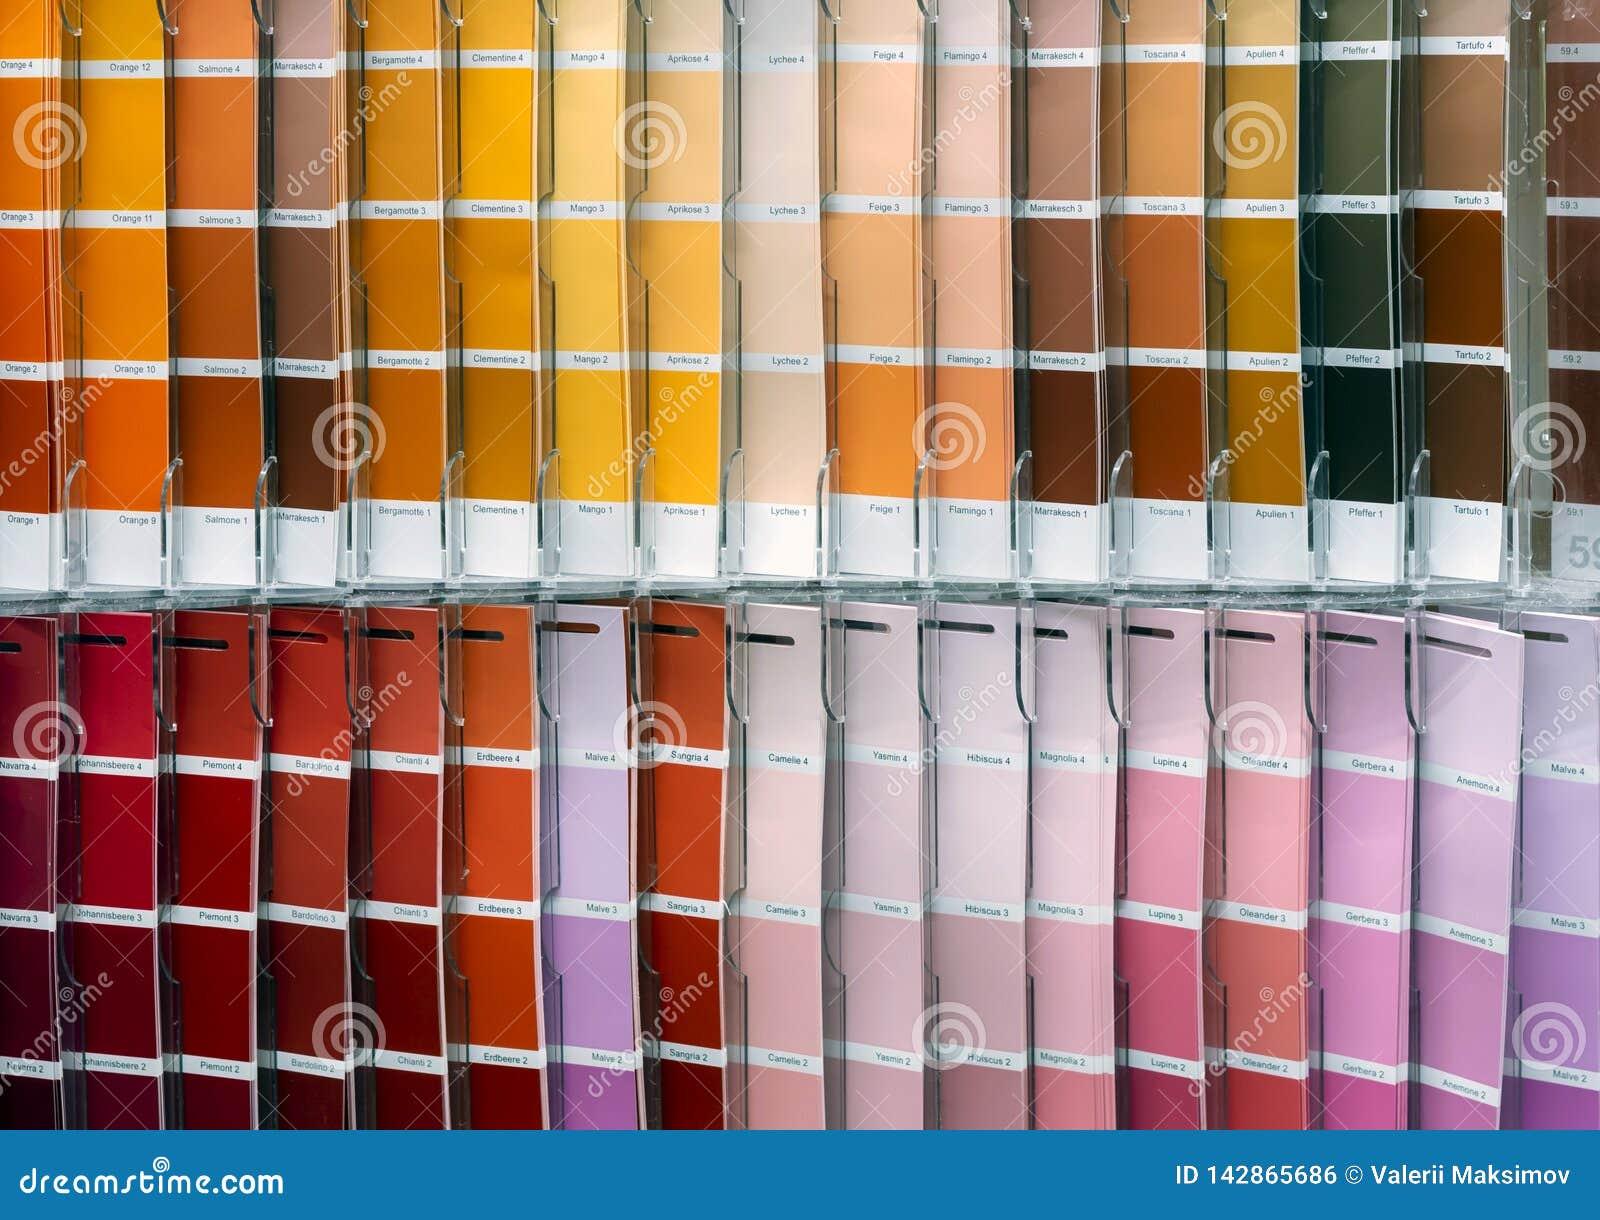 Παλέτα olor Ð ¡ για την επιλογή του υφάσματος ή του χρώματος Υπόβαθρο από swatches χρώματος